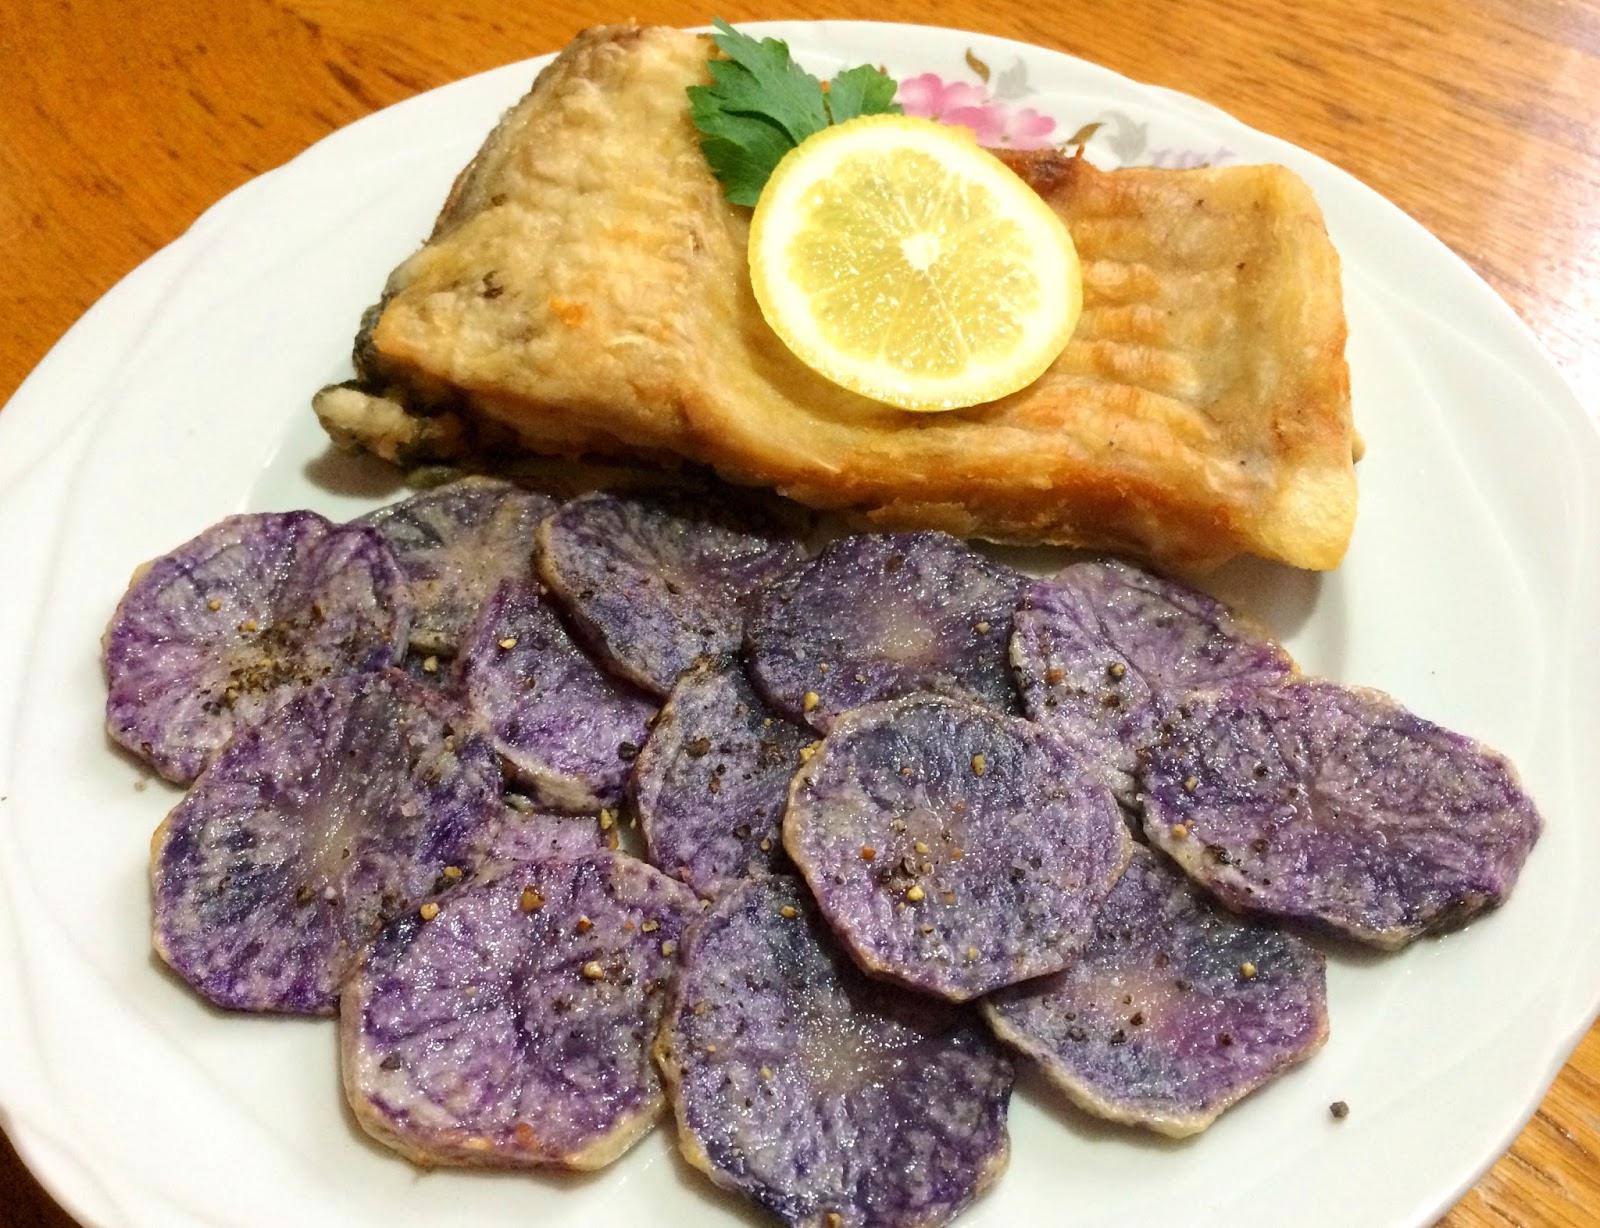 Crap în crustă și chips-uri de cartofi violet